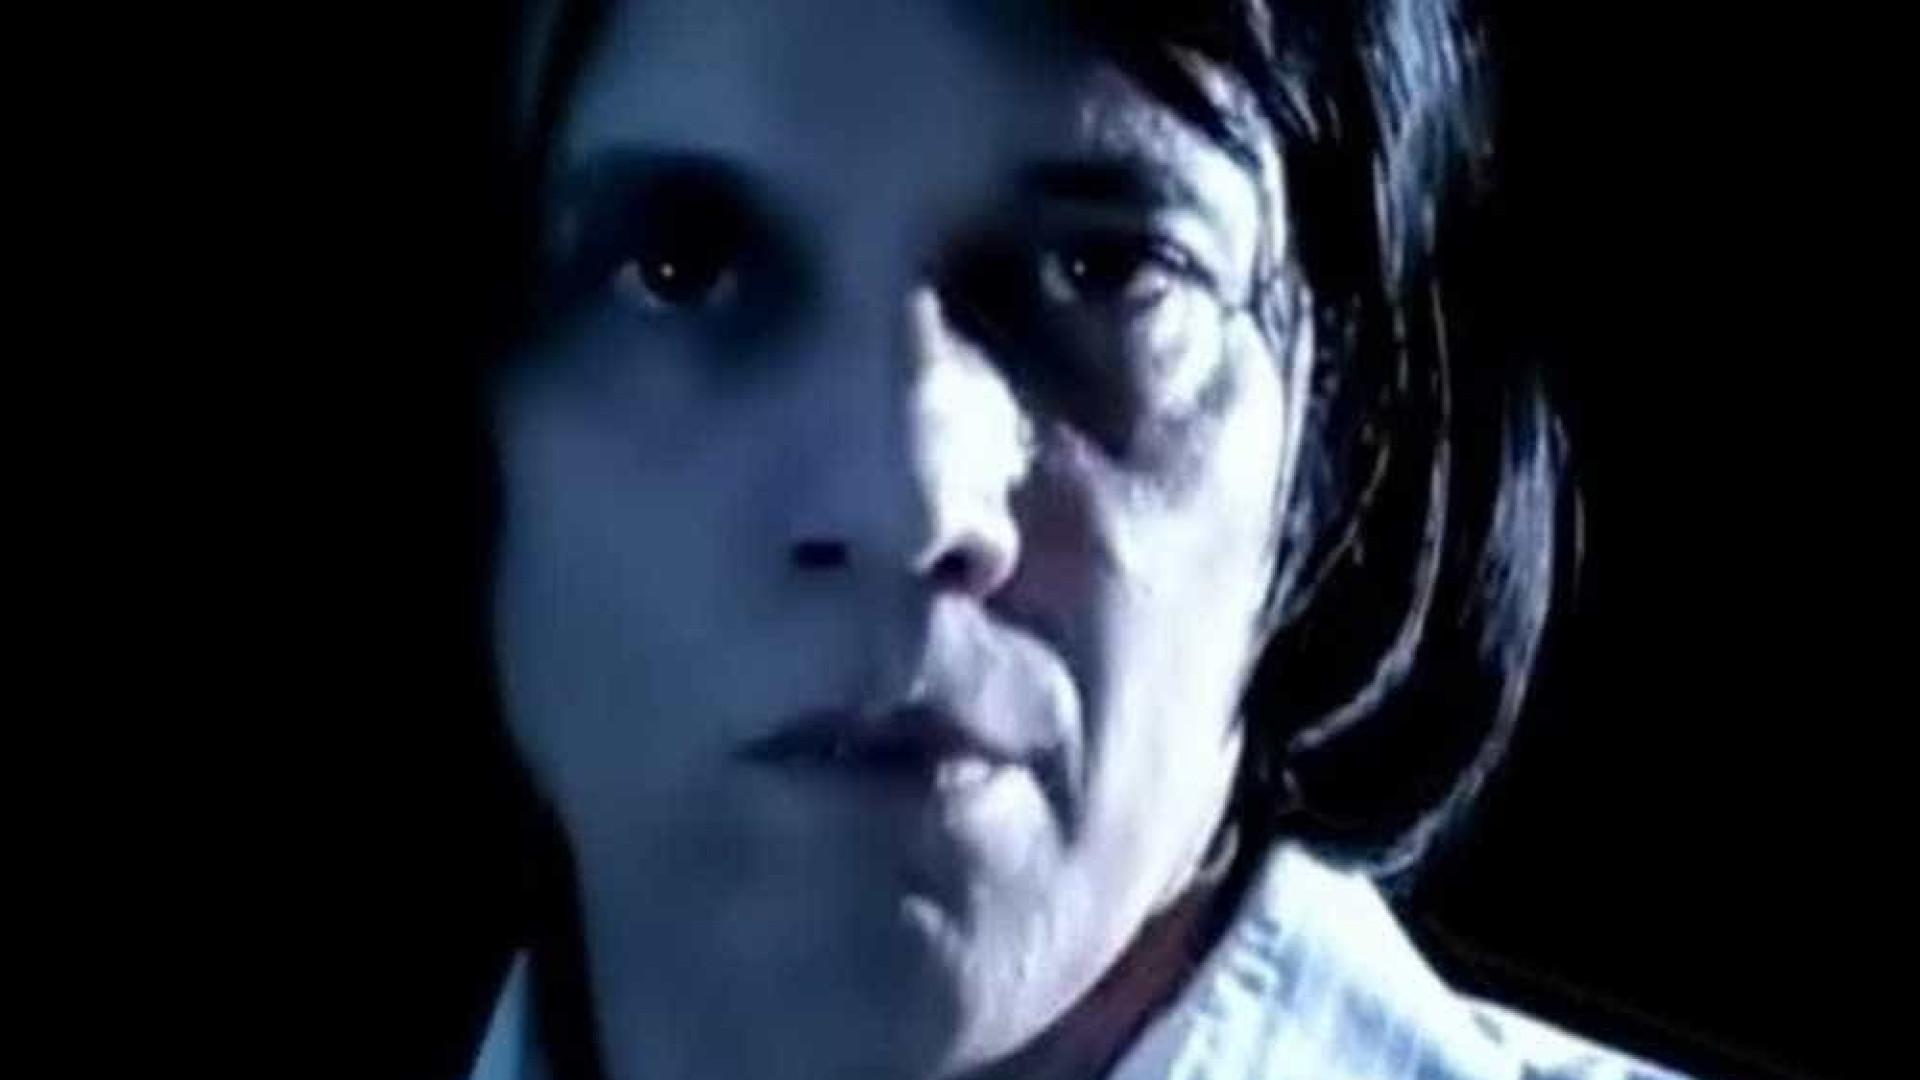 Ator 'pega' 95 anos de prisão por estuprar crianças e partilhar vídeos